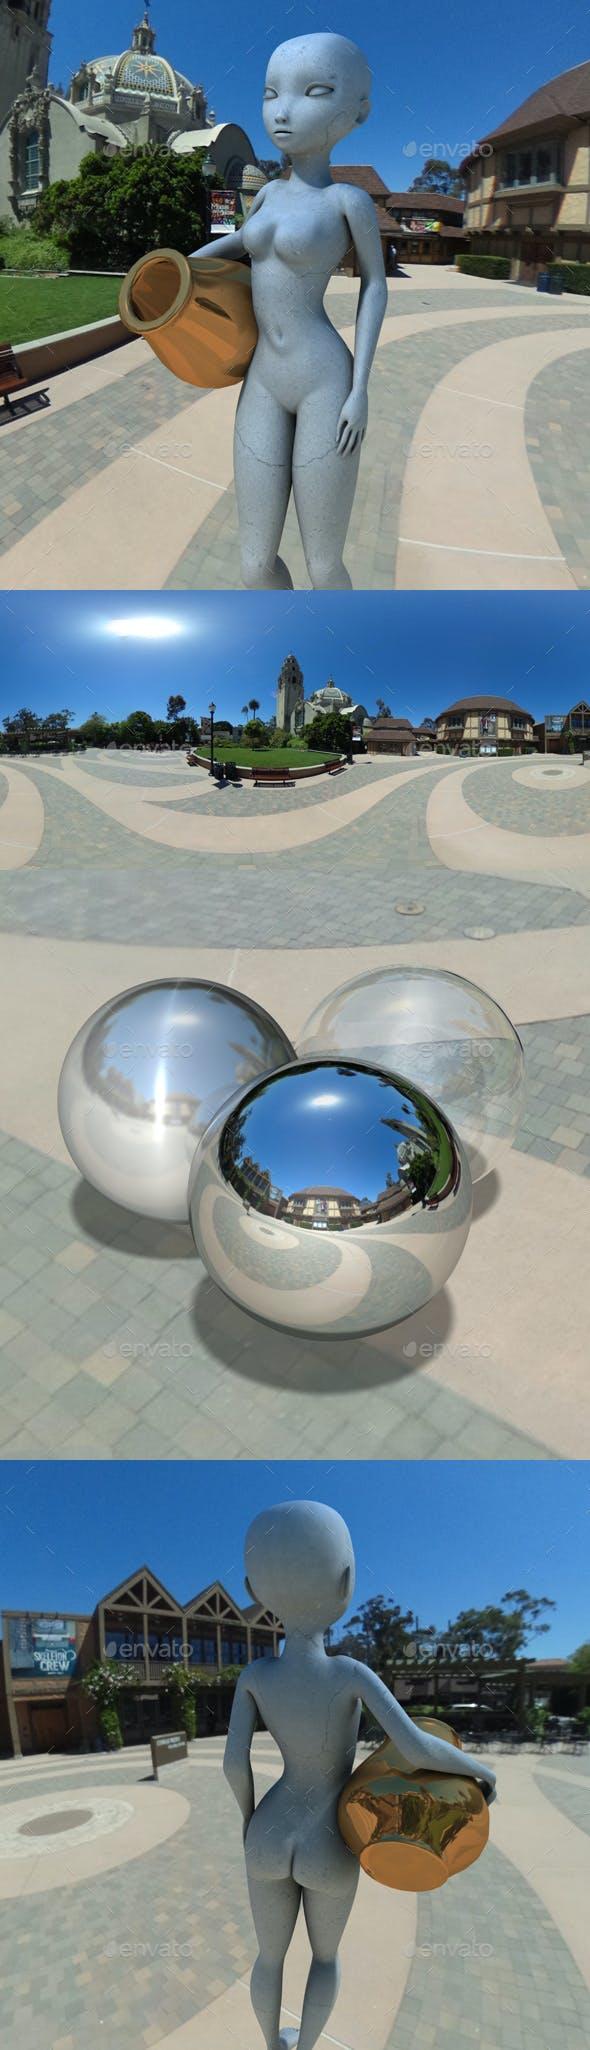 Museum Park Exterior HDRI - 3DOcean Item for Sale